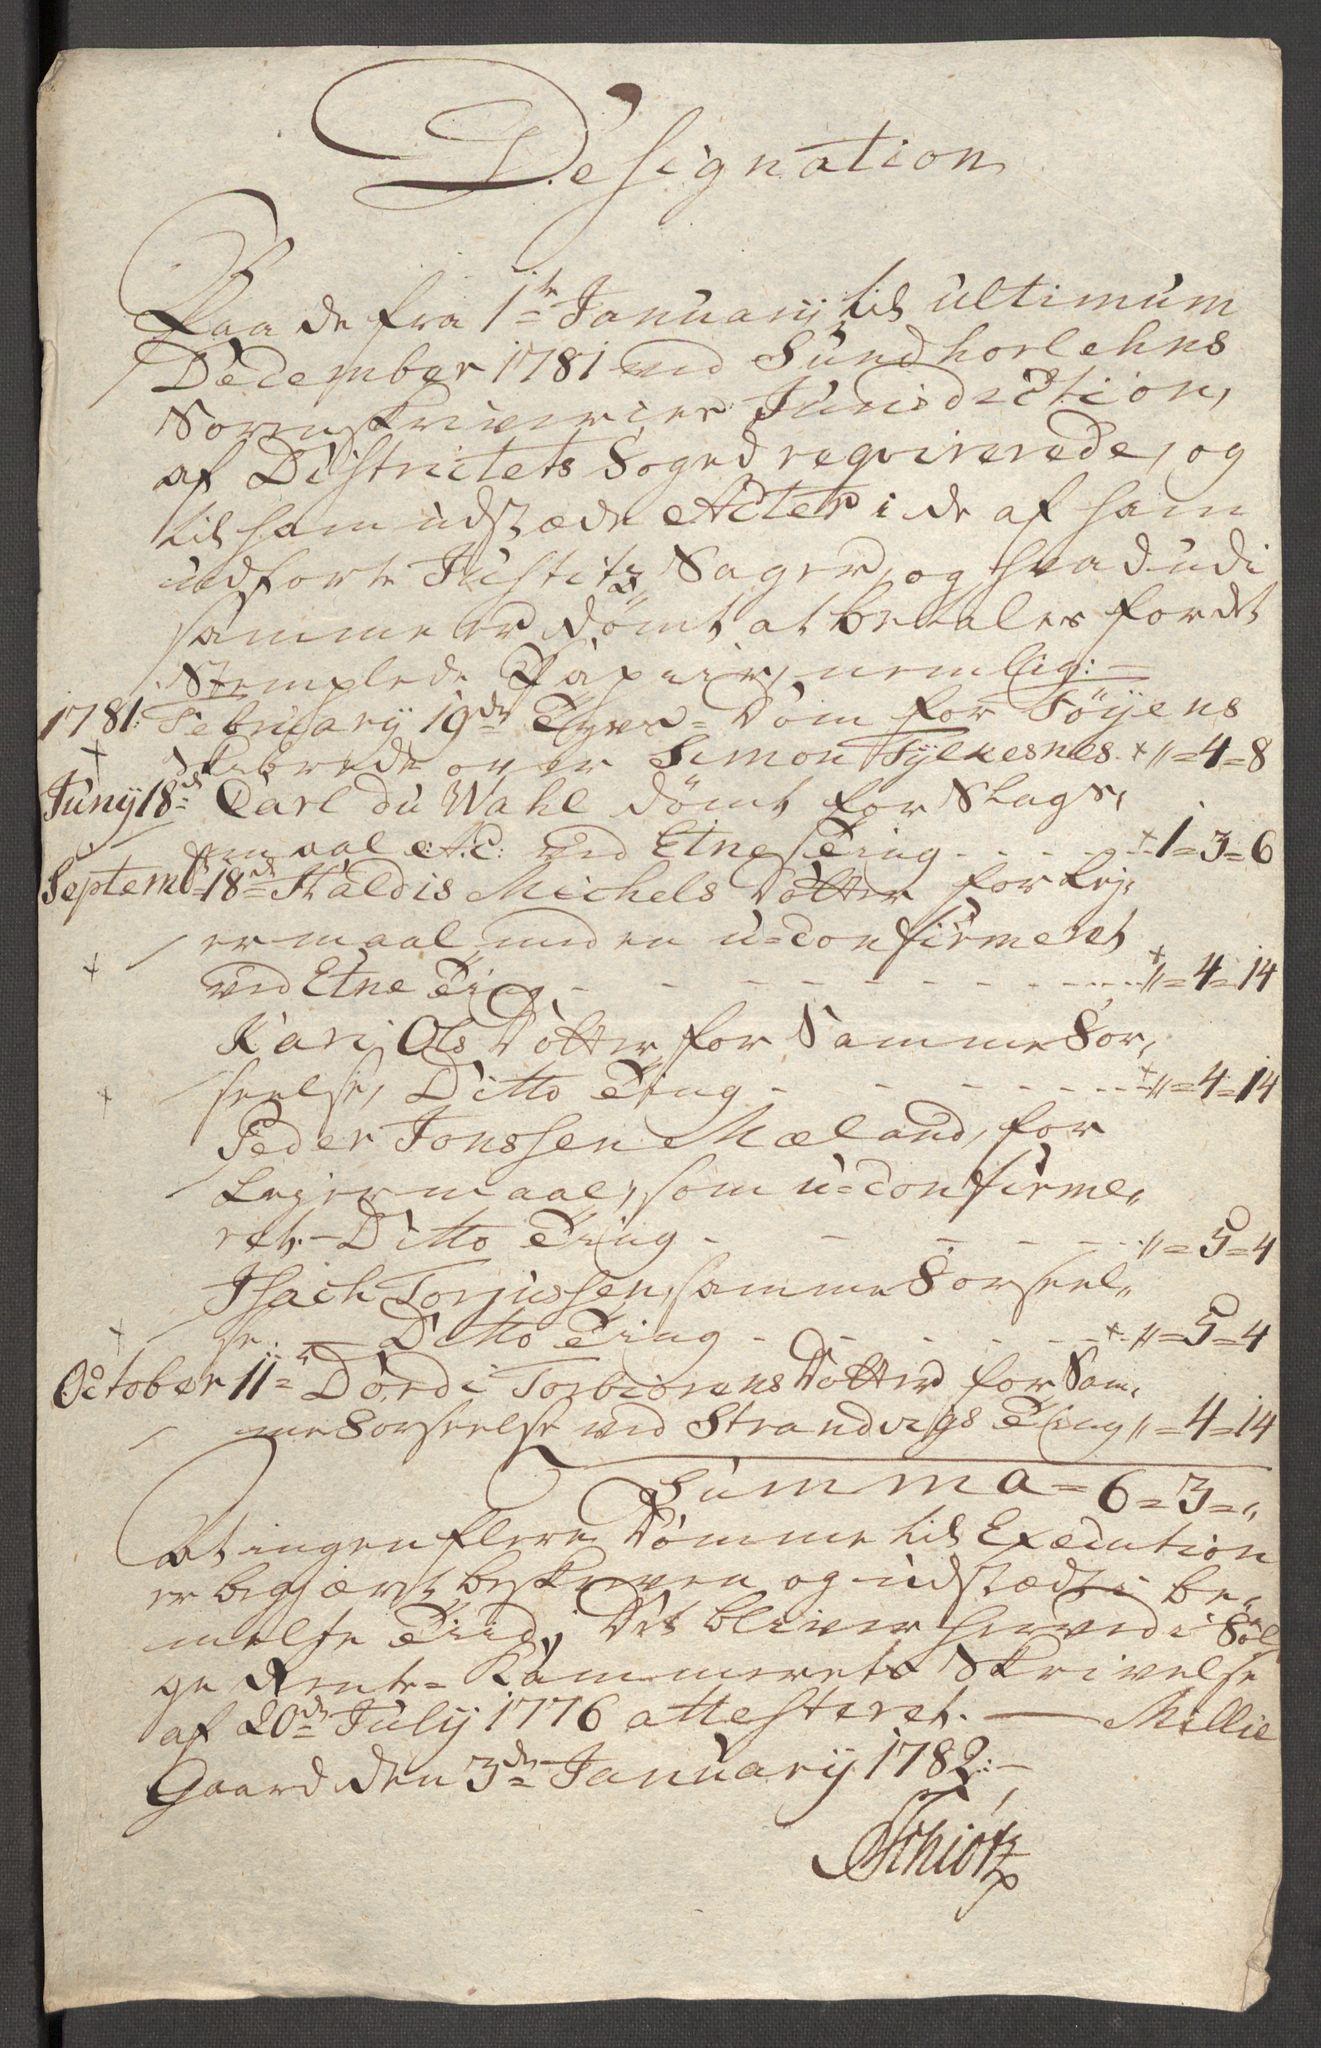 RA, Rentekammeret inntil 1814, Reviderte regnskaper, Fogderegnskap, R48/L3097: Fogderegnskap Sunnhordland og Hardanger, 1781, s. 207